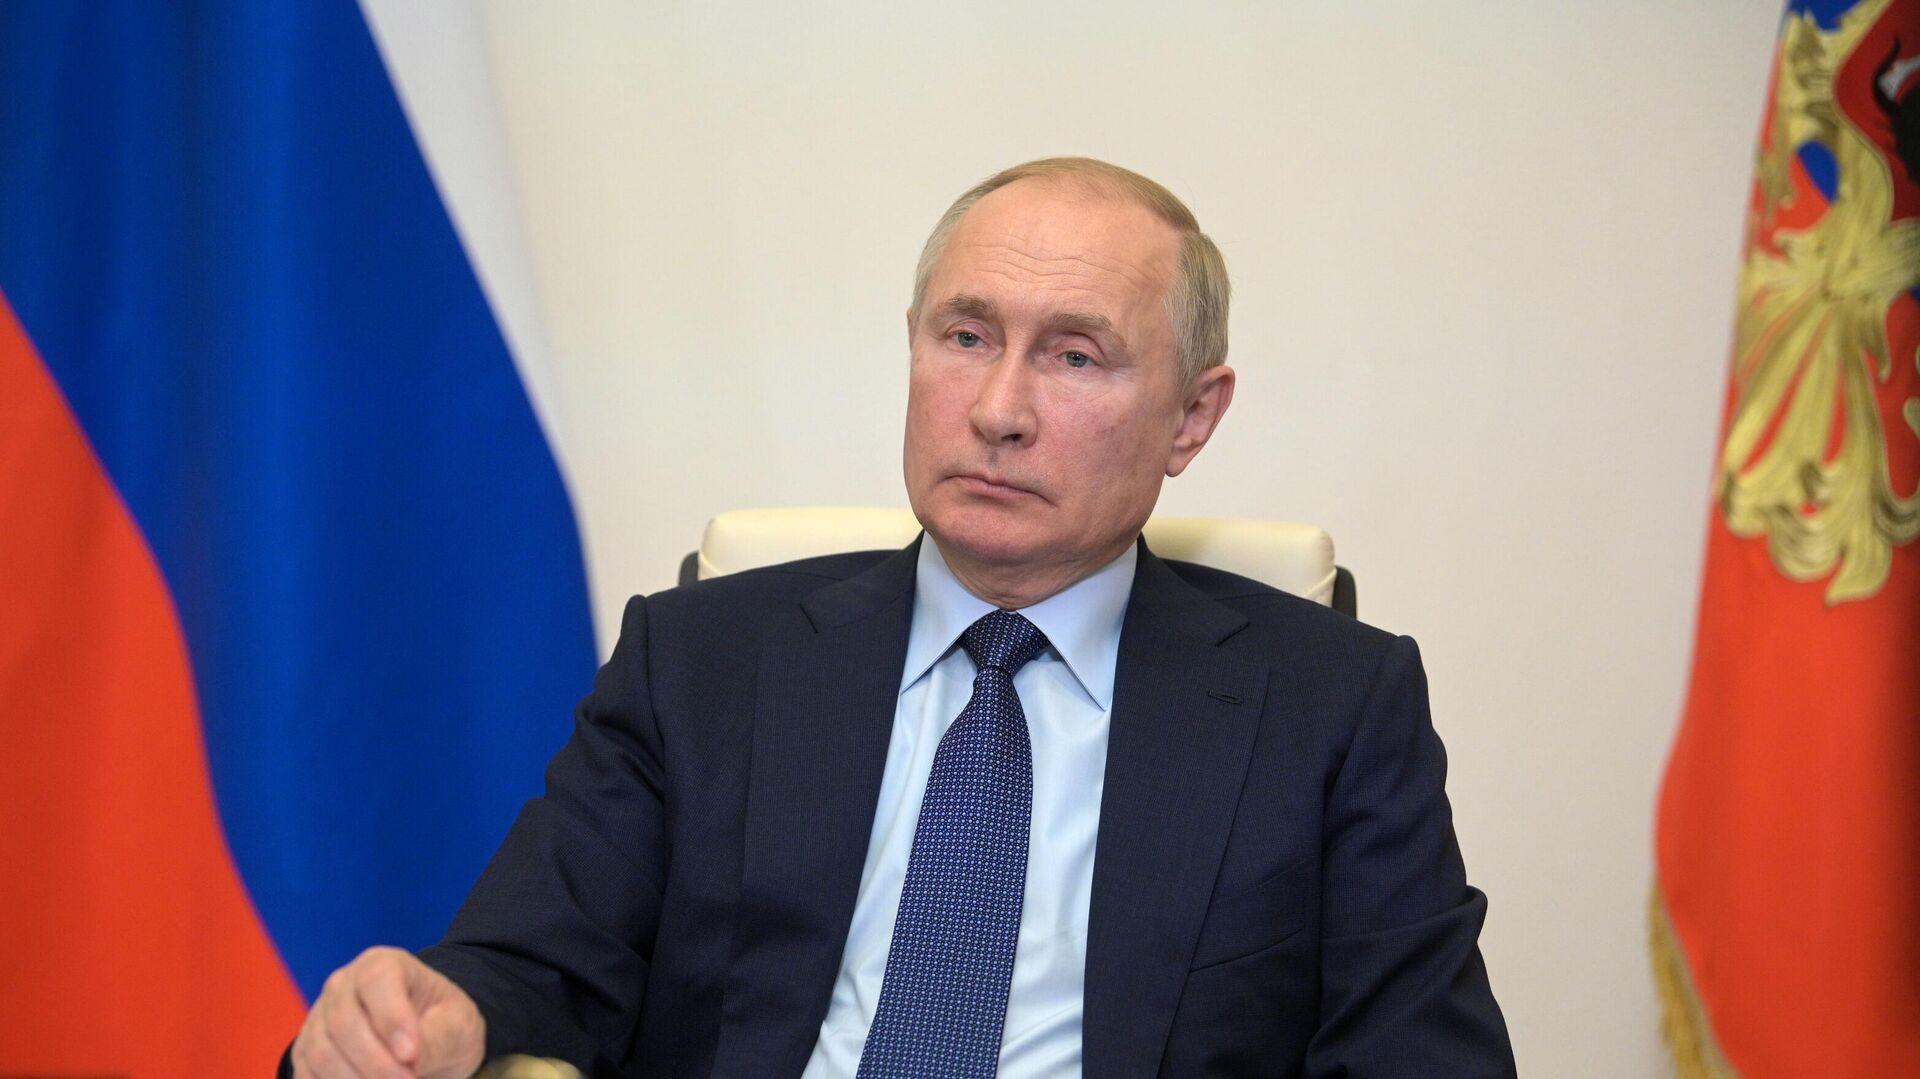 Президент РФ Владимир Путин проводит в режиме видеоконференции совещание с членами правительства РФ - РИА Новости, 1920, 06.10.2021